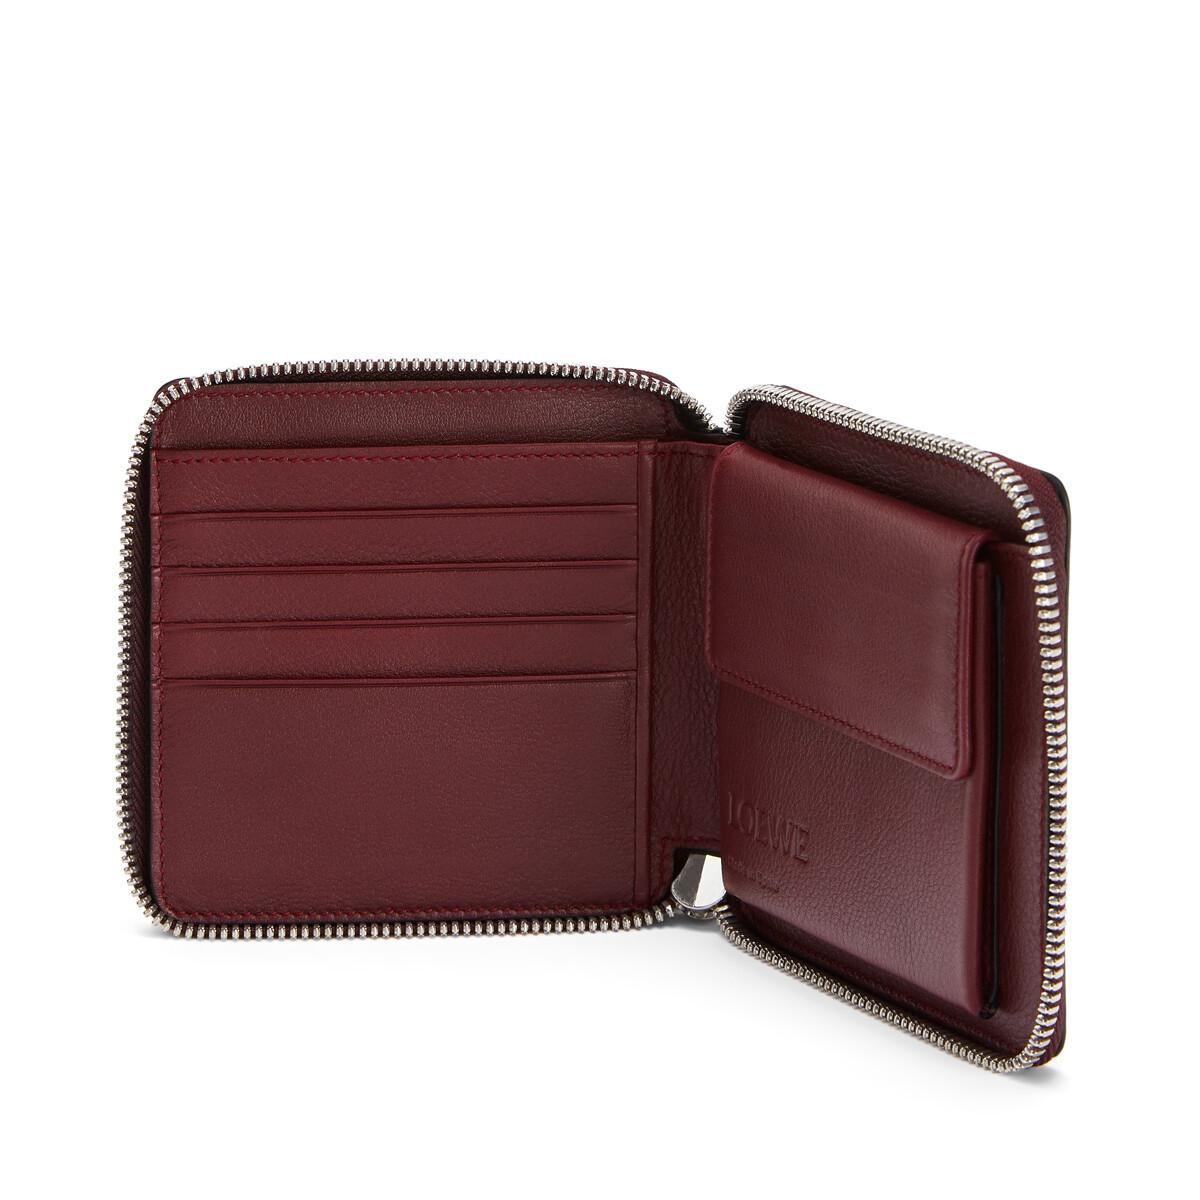 LOEWE Puzzle Square Zip Wallet Wine/Garnet front